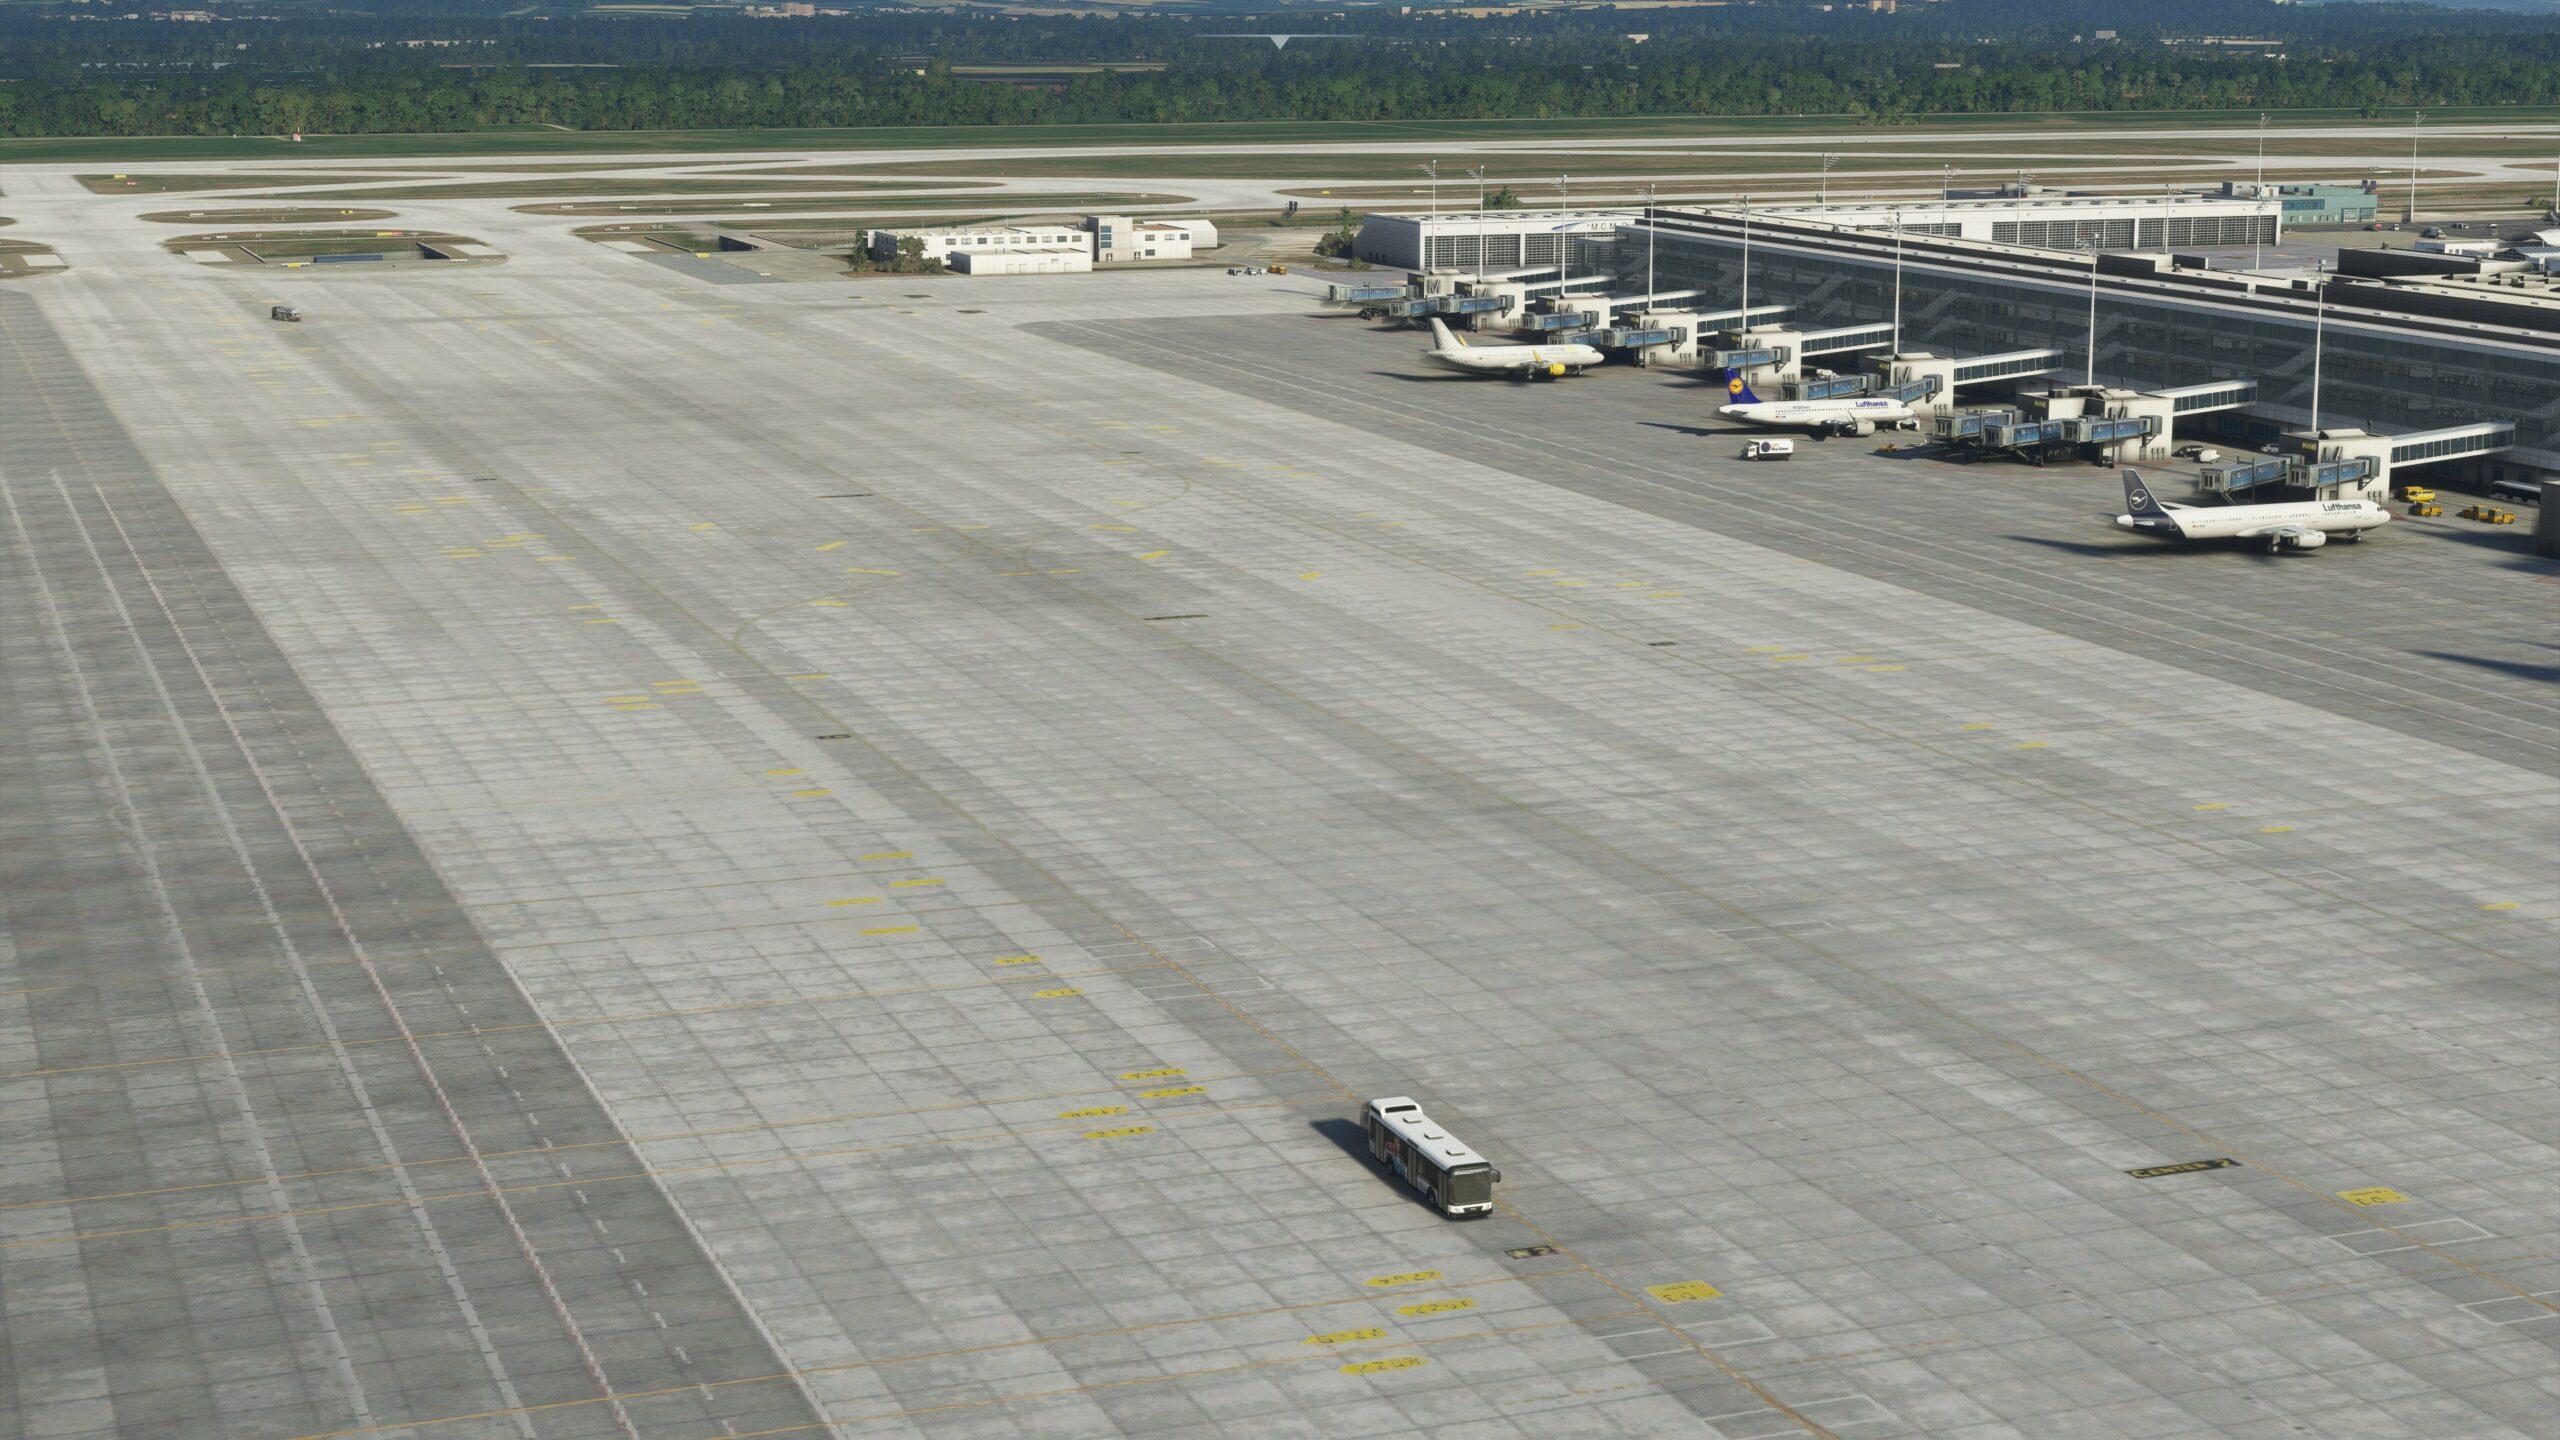 FlightSimulator_XCWTgZPWaW